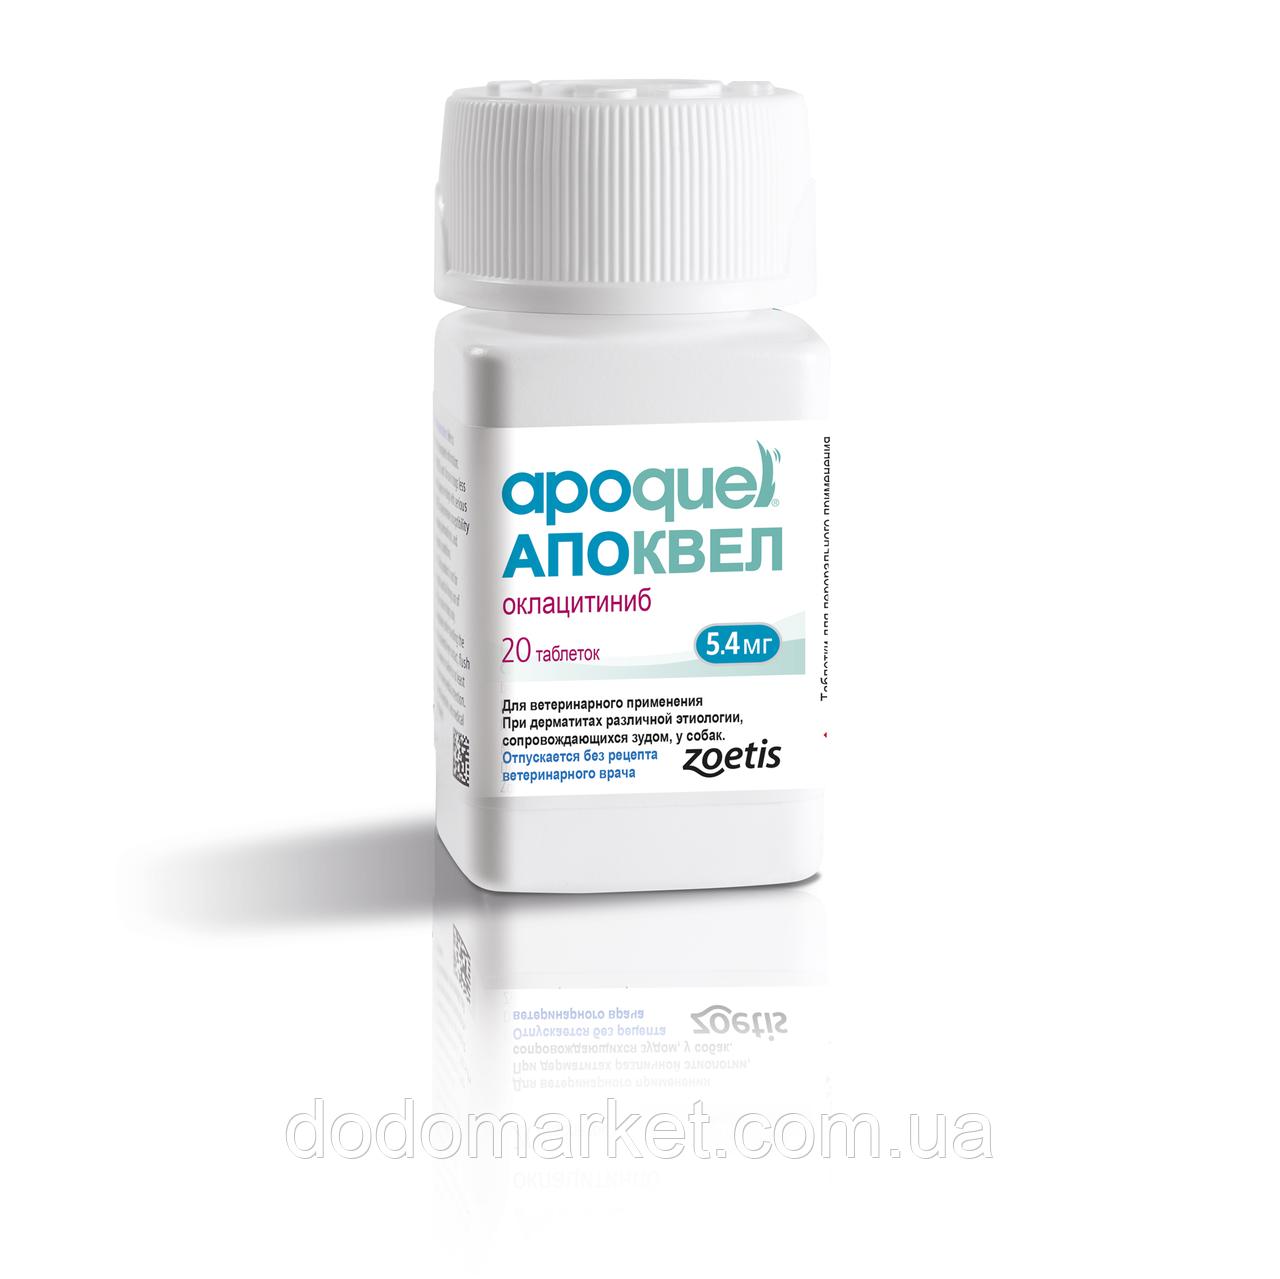 Апоквель Apoquel 5,4 мг  20 таблеток